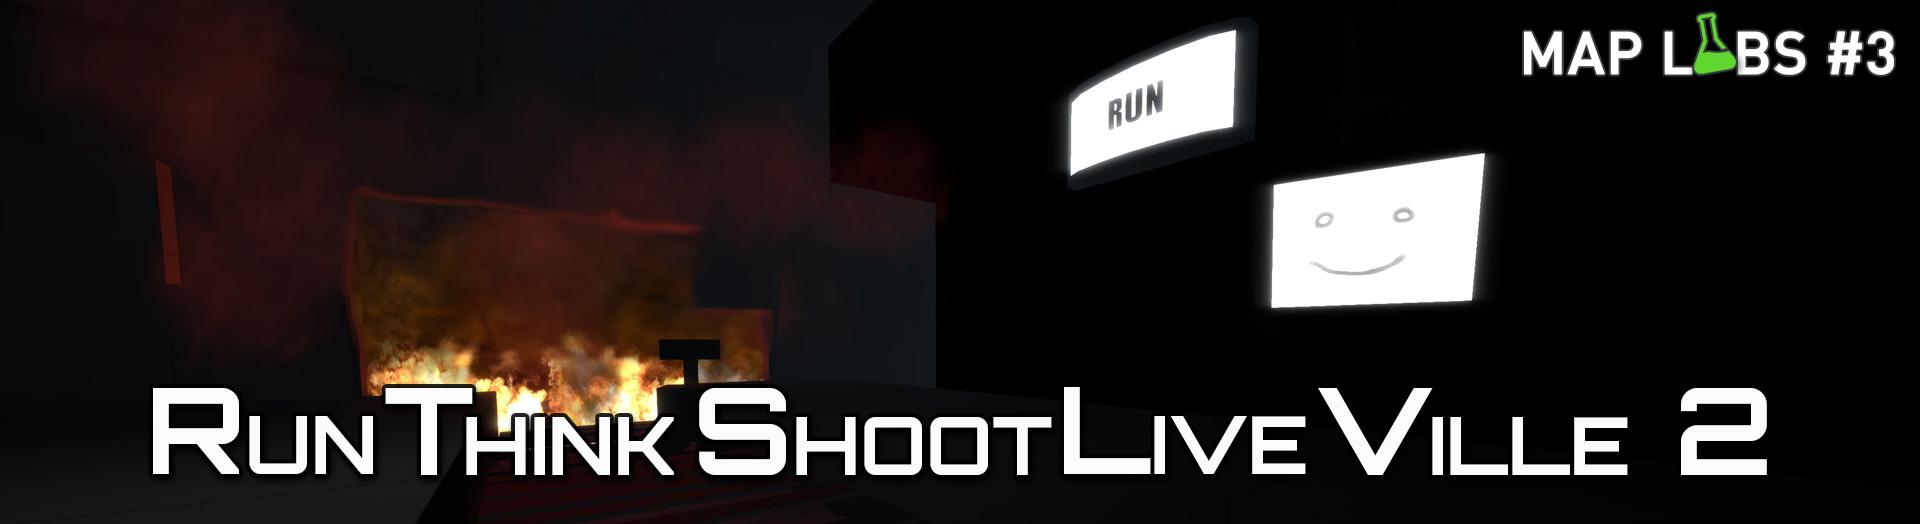 RunThinkShootLiveVille 2